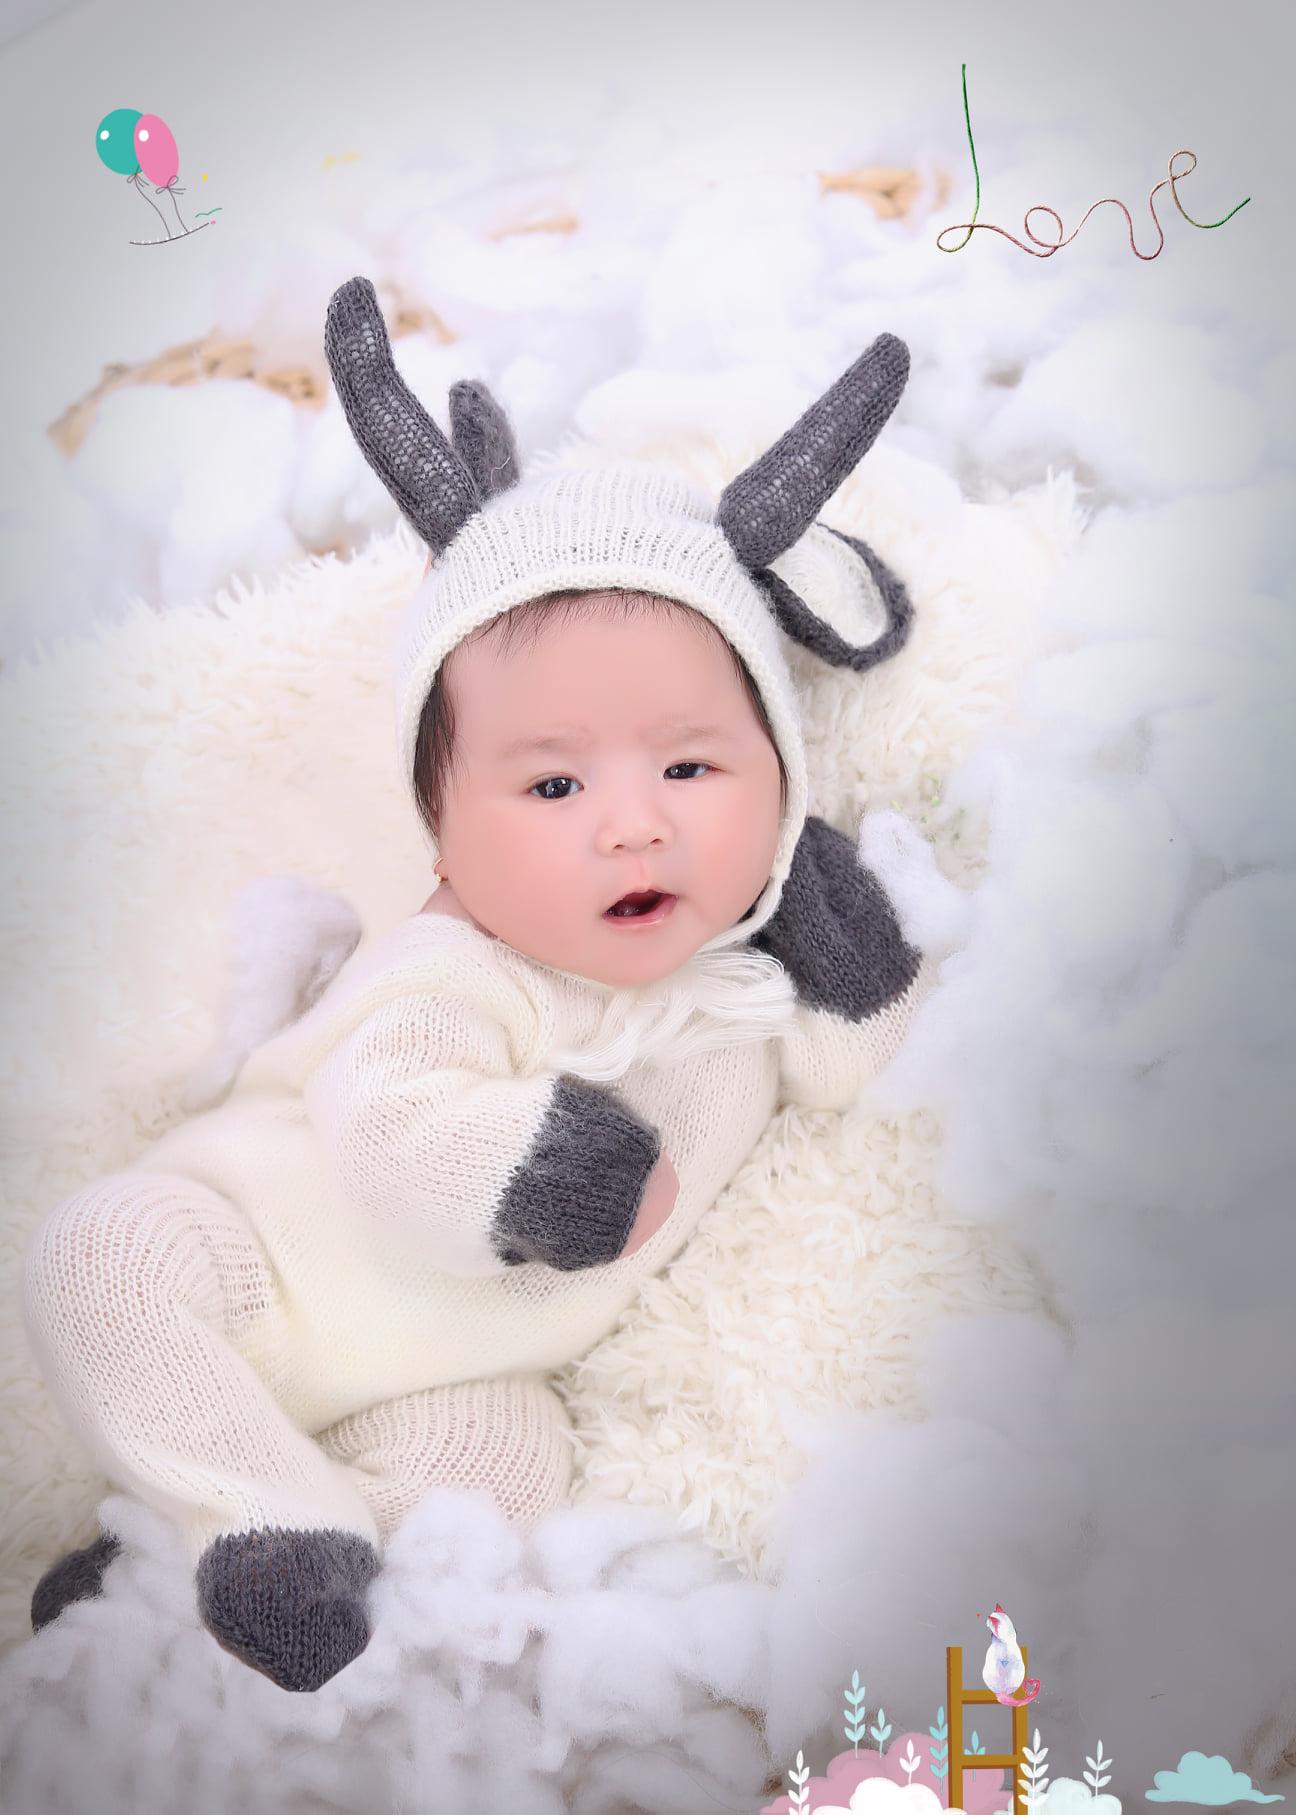 Top 7 Studio chụp ảnh cho bé đẹp và chất lượng nhất Cần Thơ - Duyên Dáng Studio